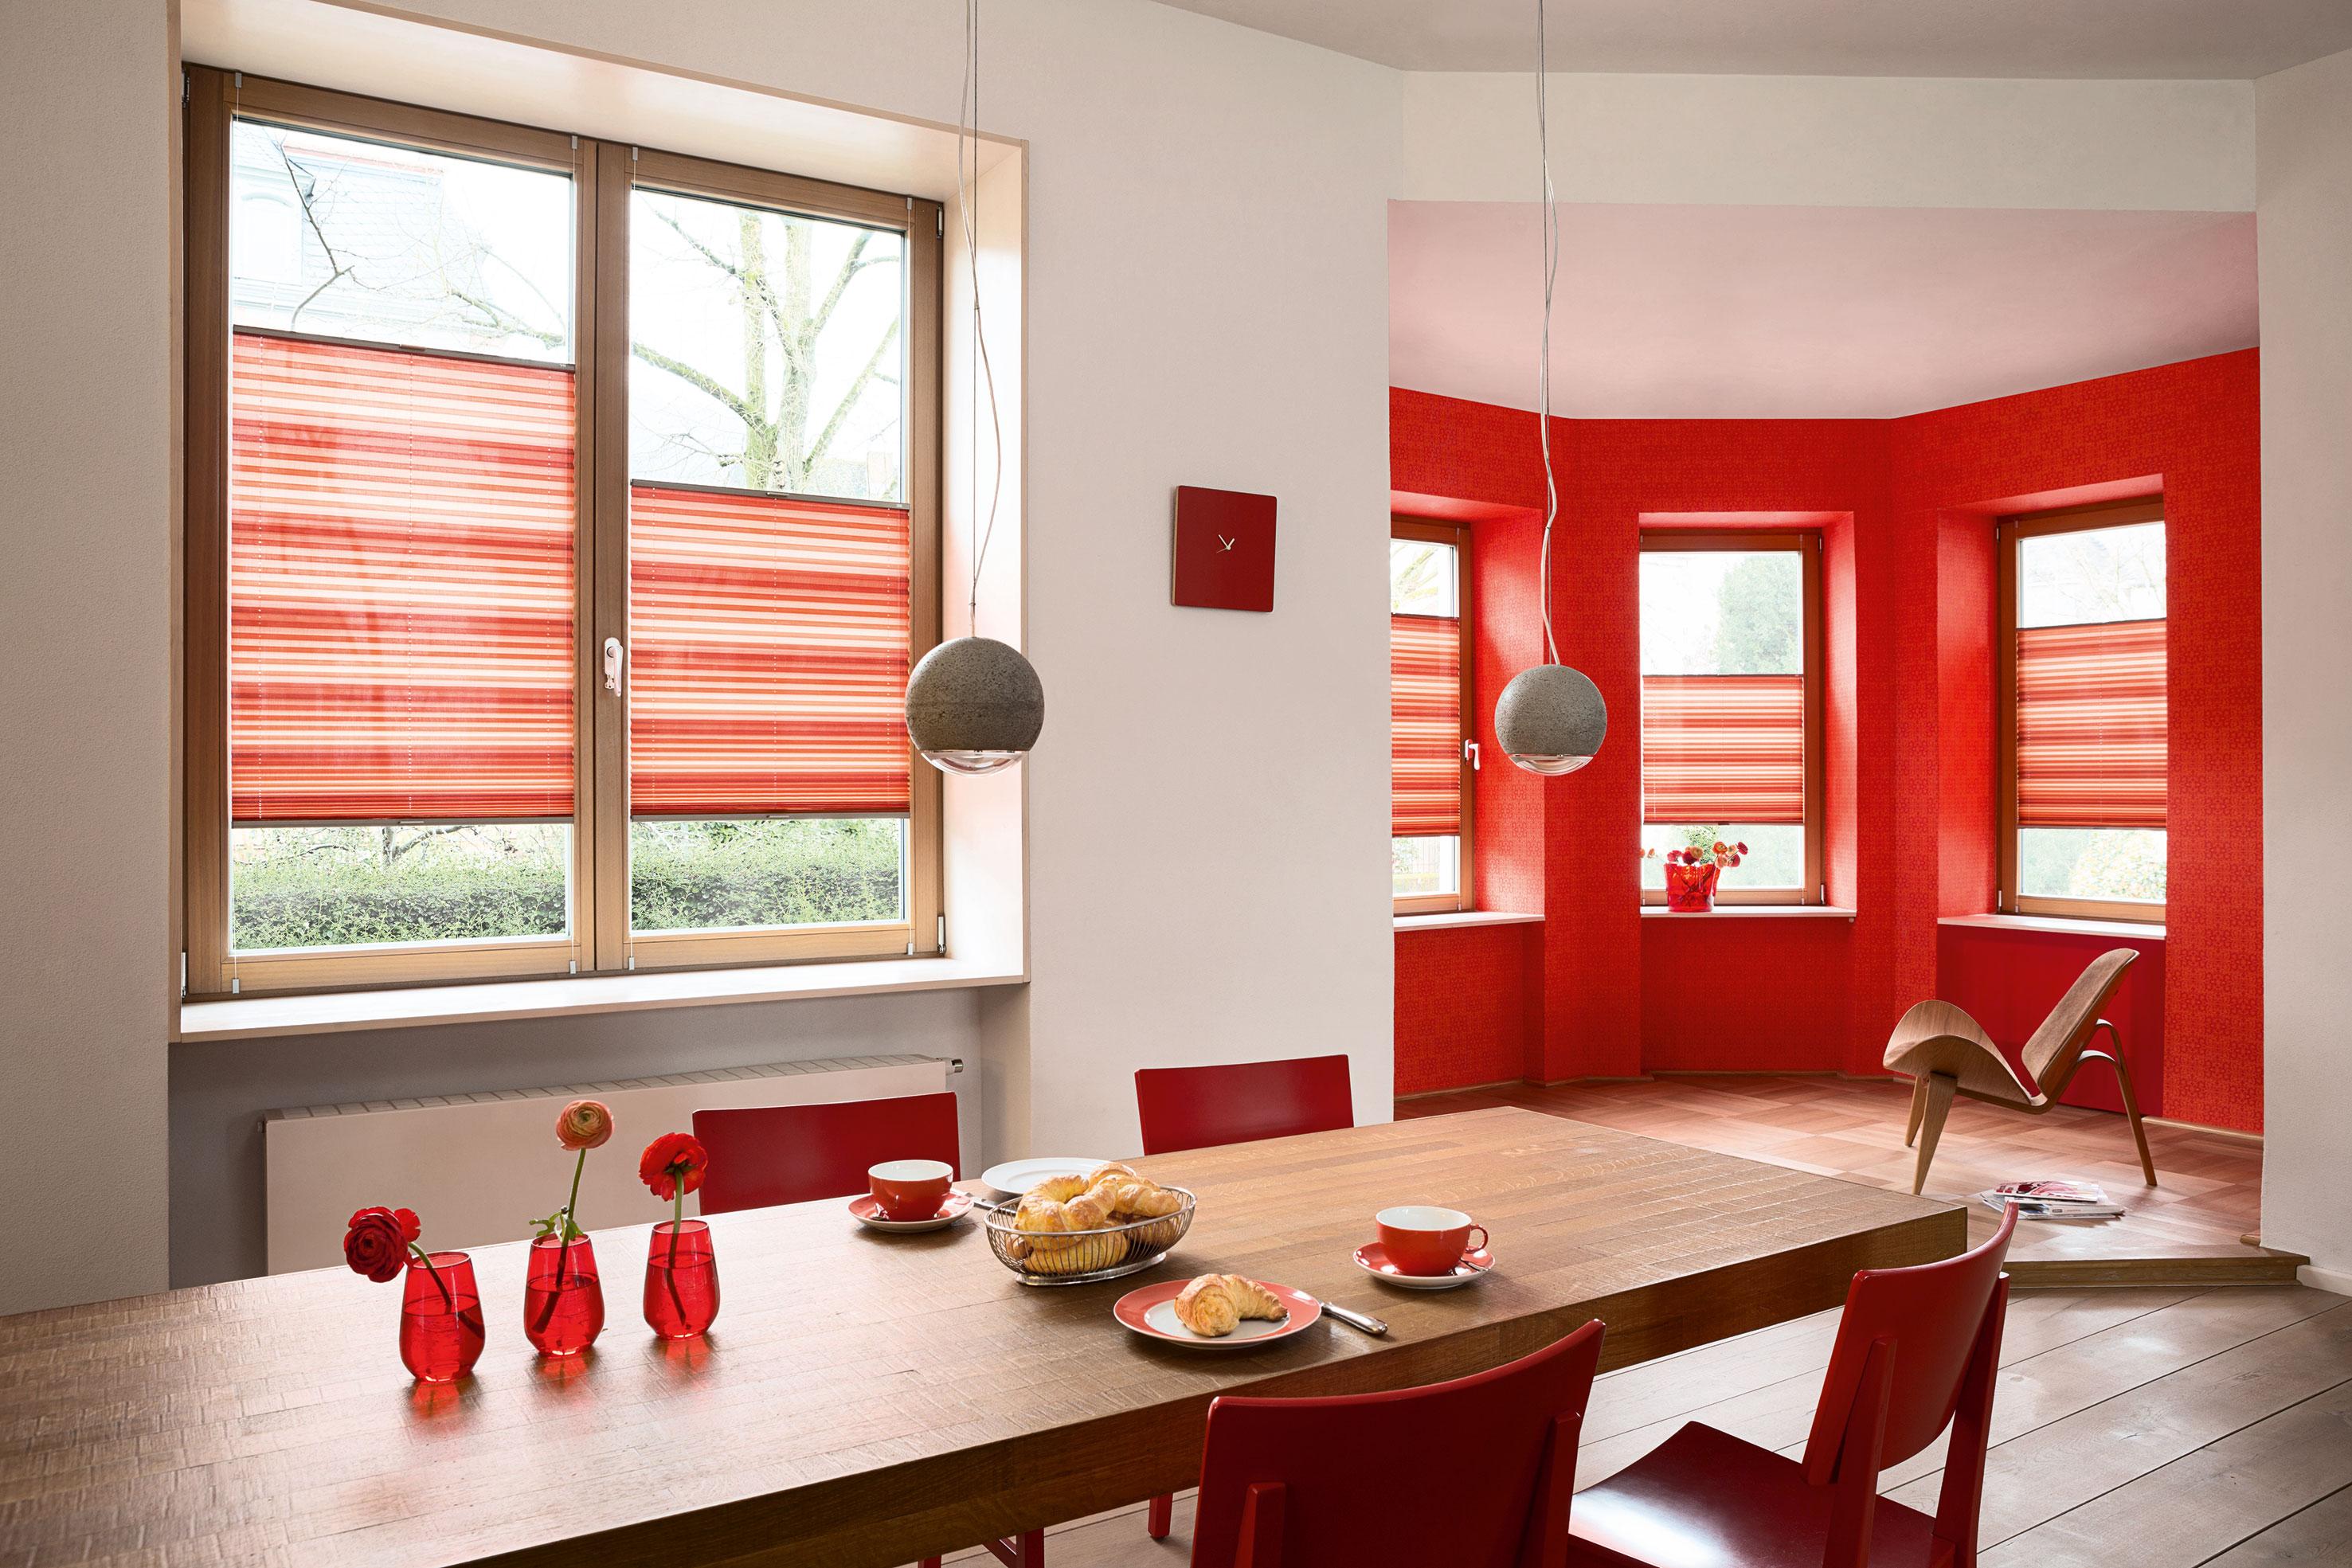 Gardinenstudio   Näh & Waschservice Bruchsal   Vera Heidelberger